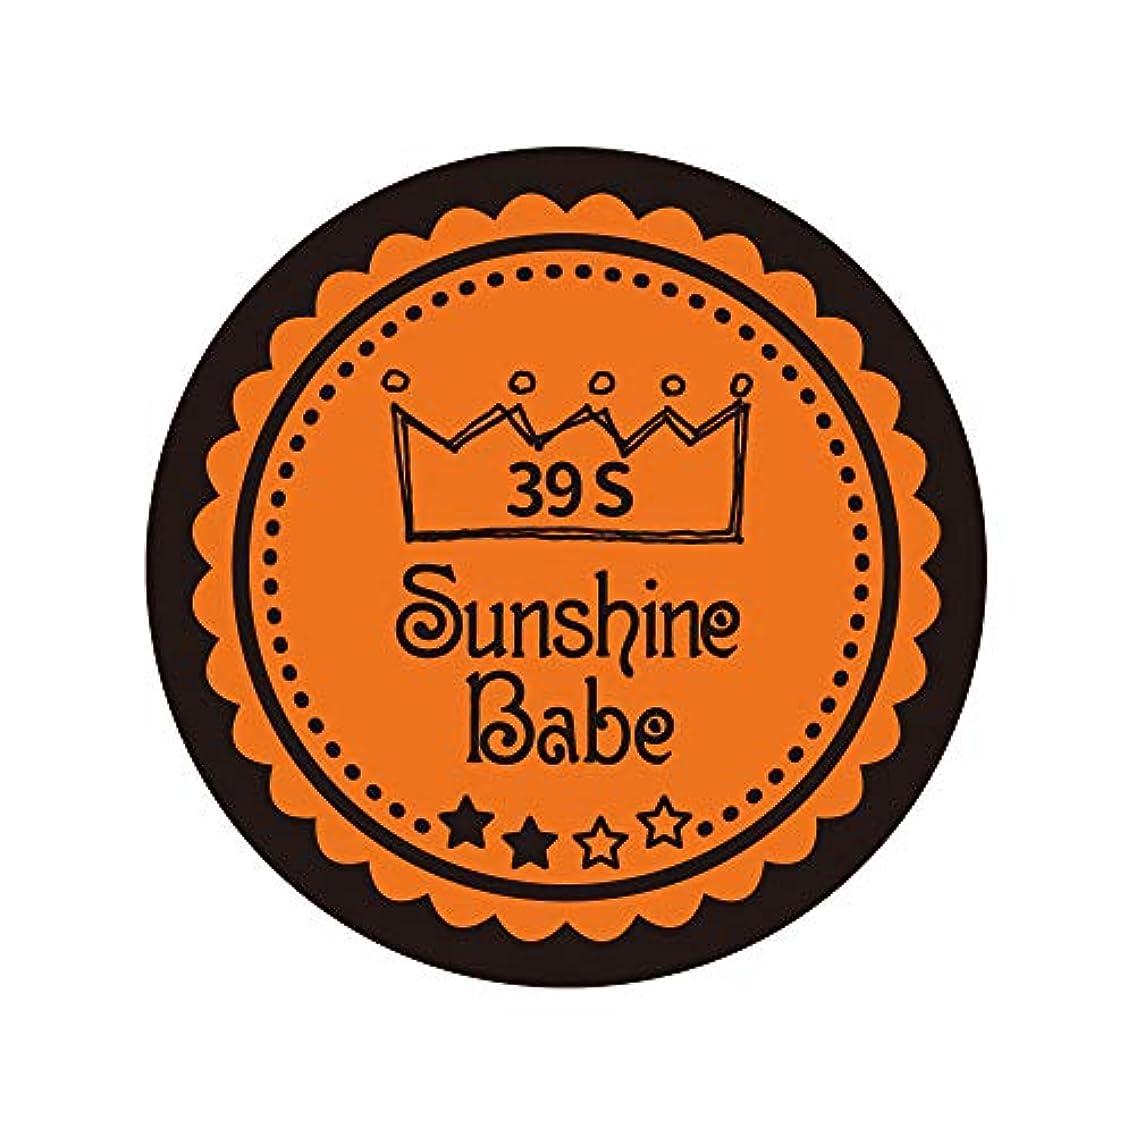 立場シャトルオーガニックSunshine Babe カラージェル 39S ラセットオレンジ 2.7g UV/LED対応